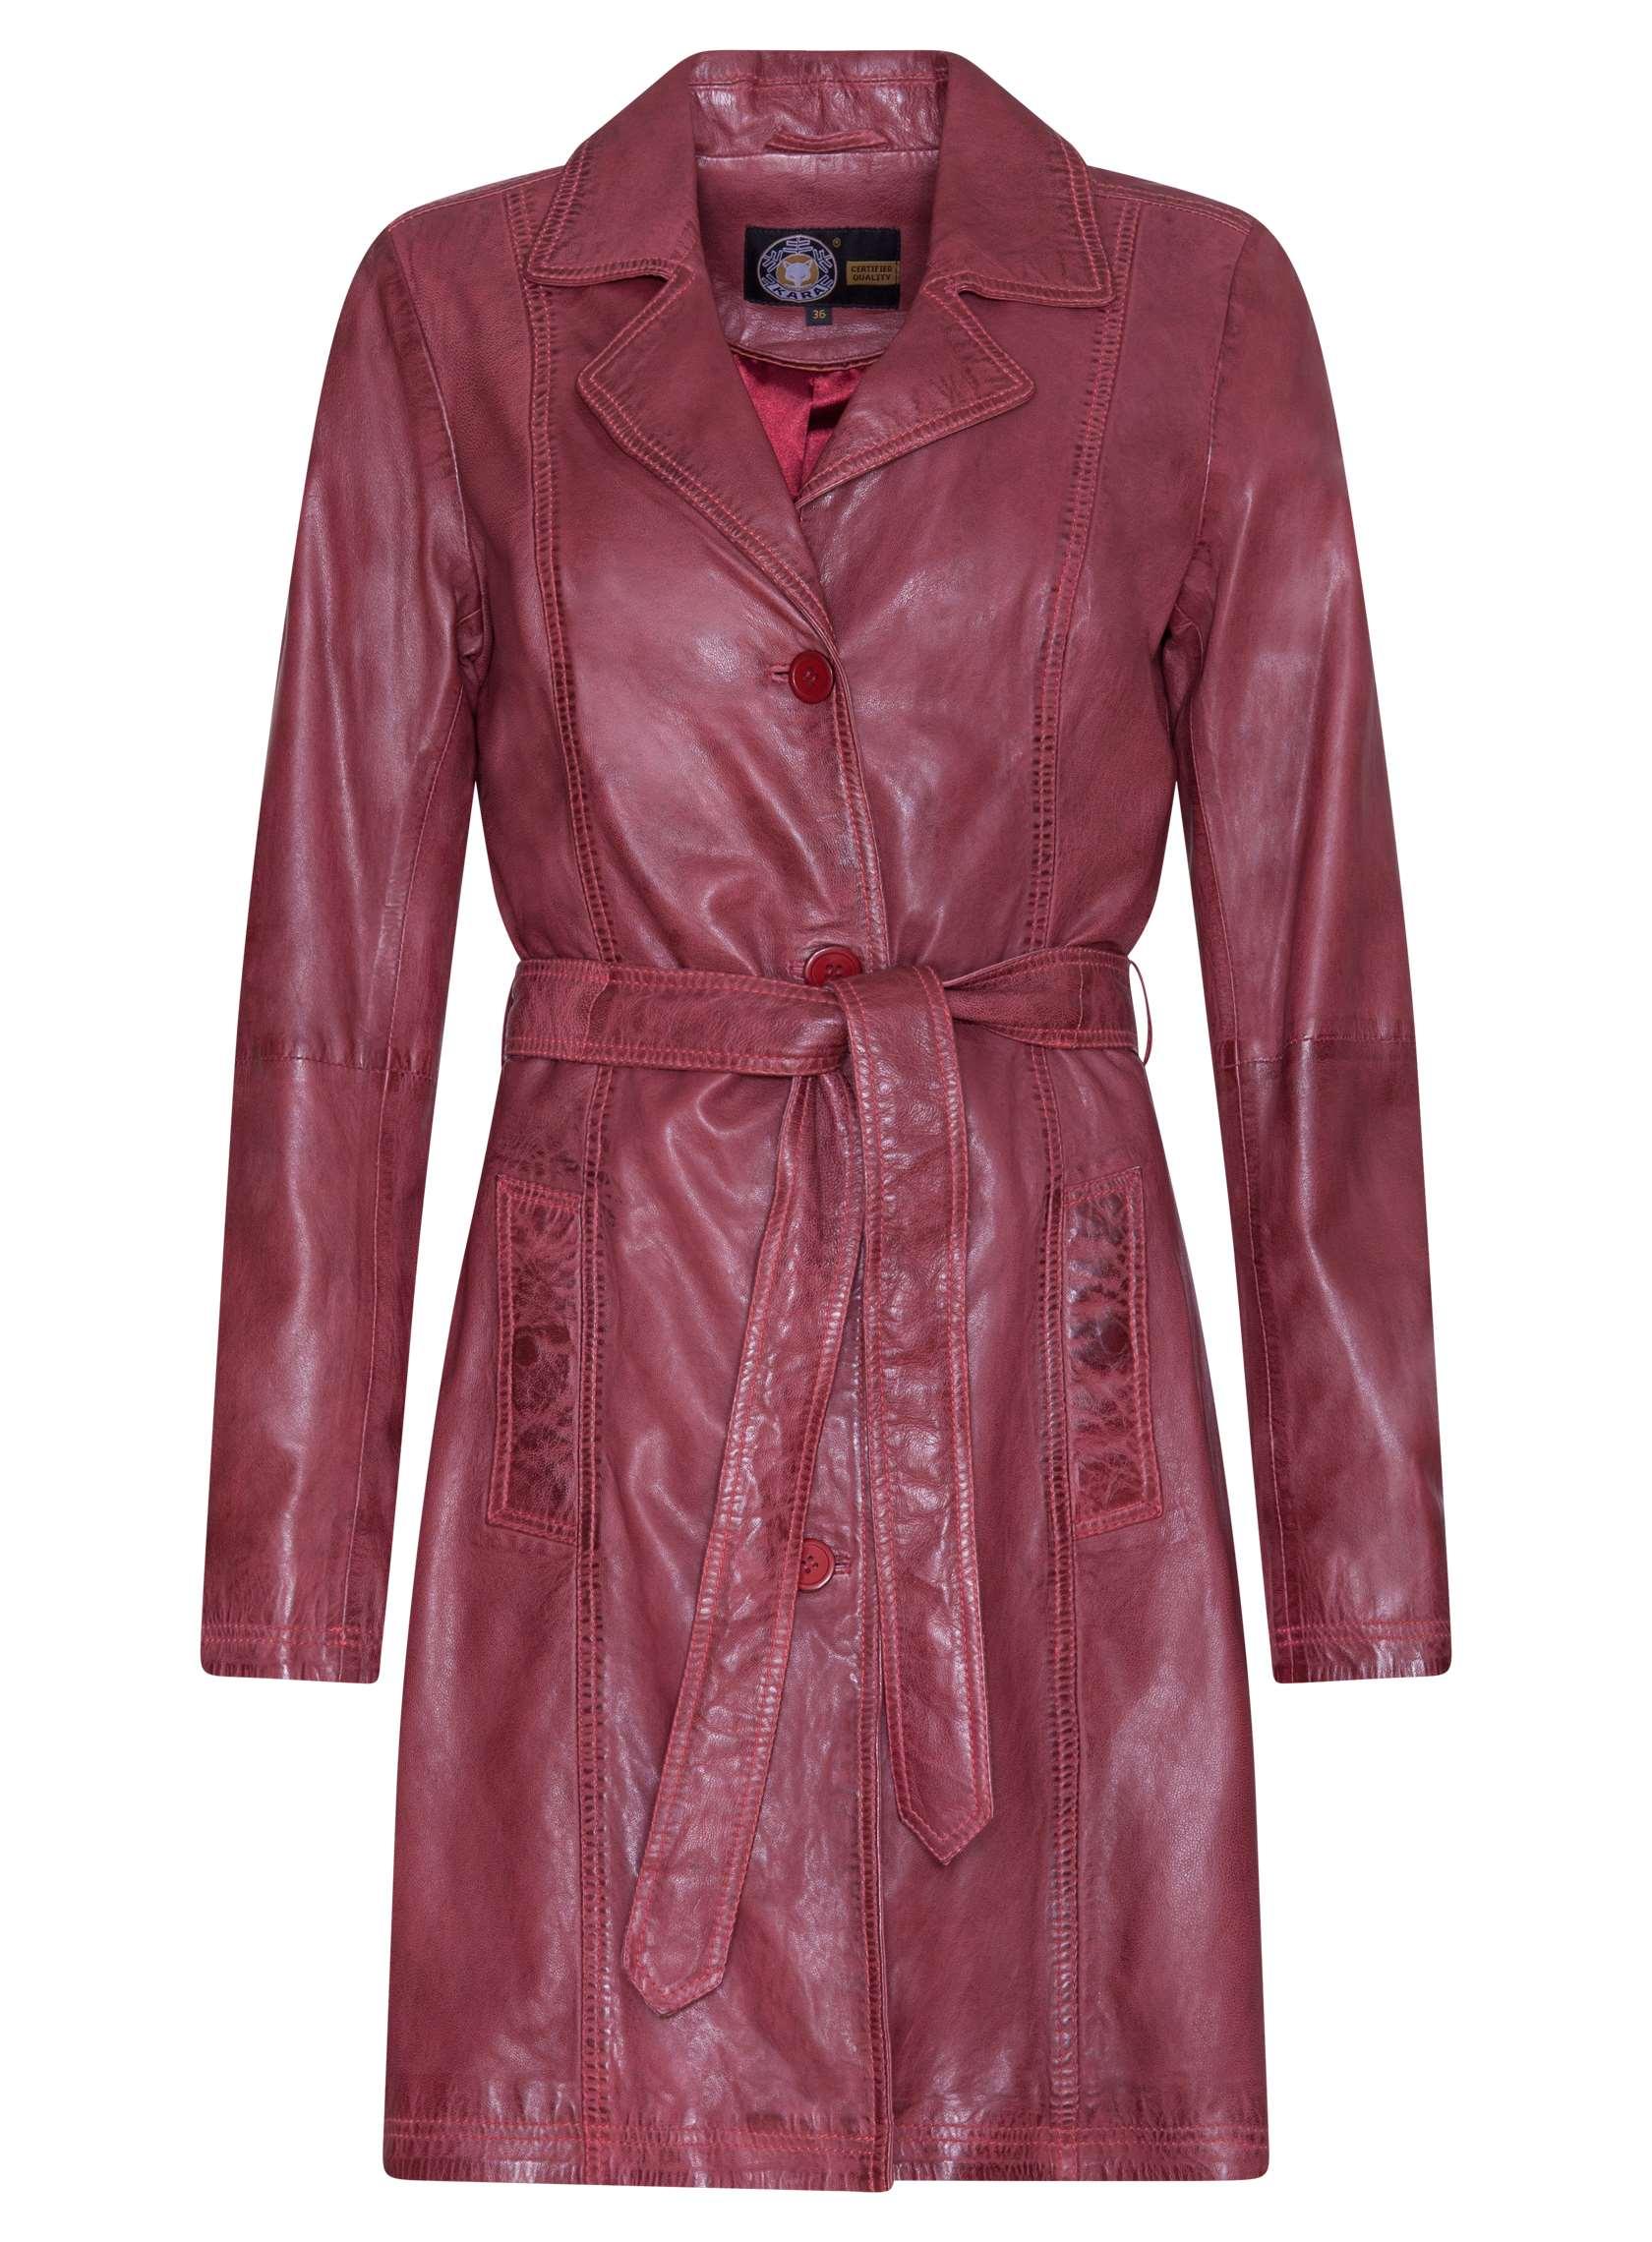 Dámska kožená bunda Sarah (72742336) Kara - Glami.sk 2189b8af1cb